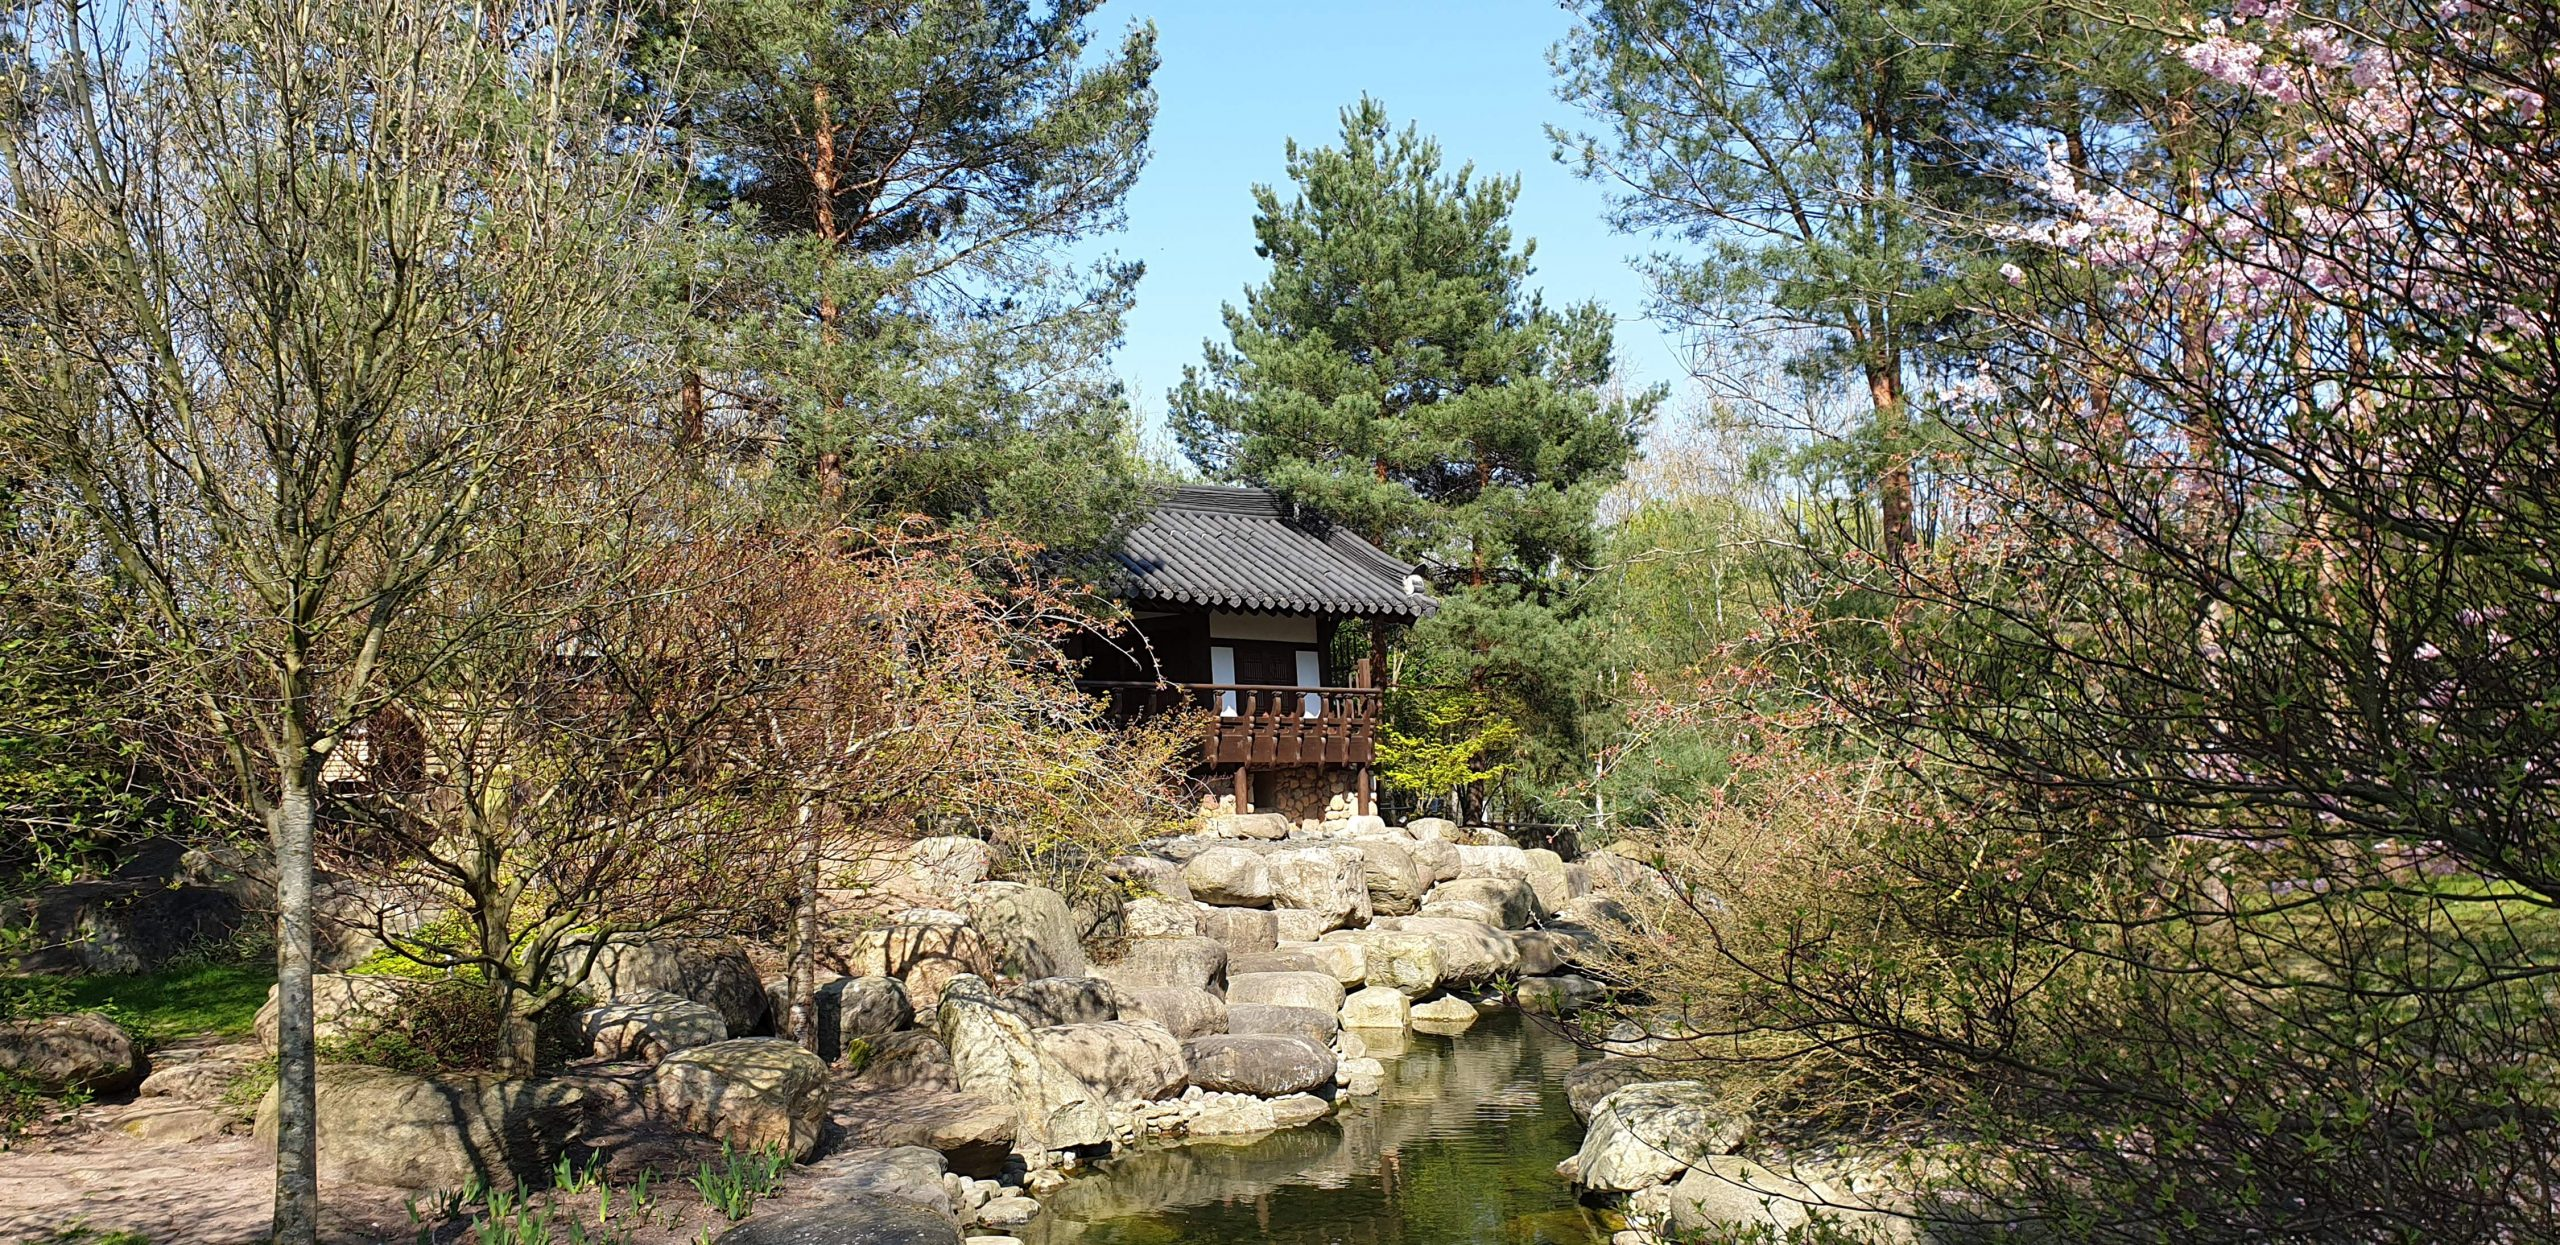 File Seouler Garten Gärten der Welt Berlin Marzahn